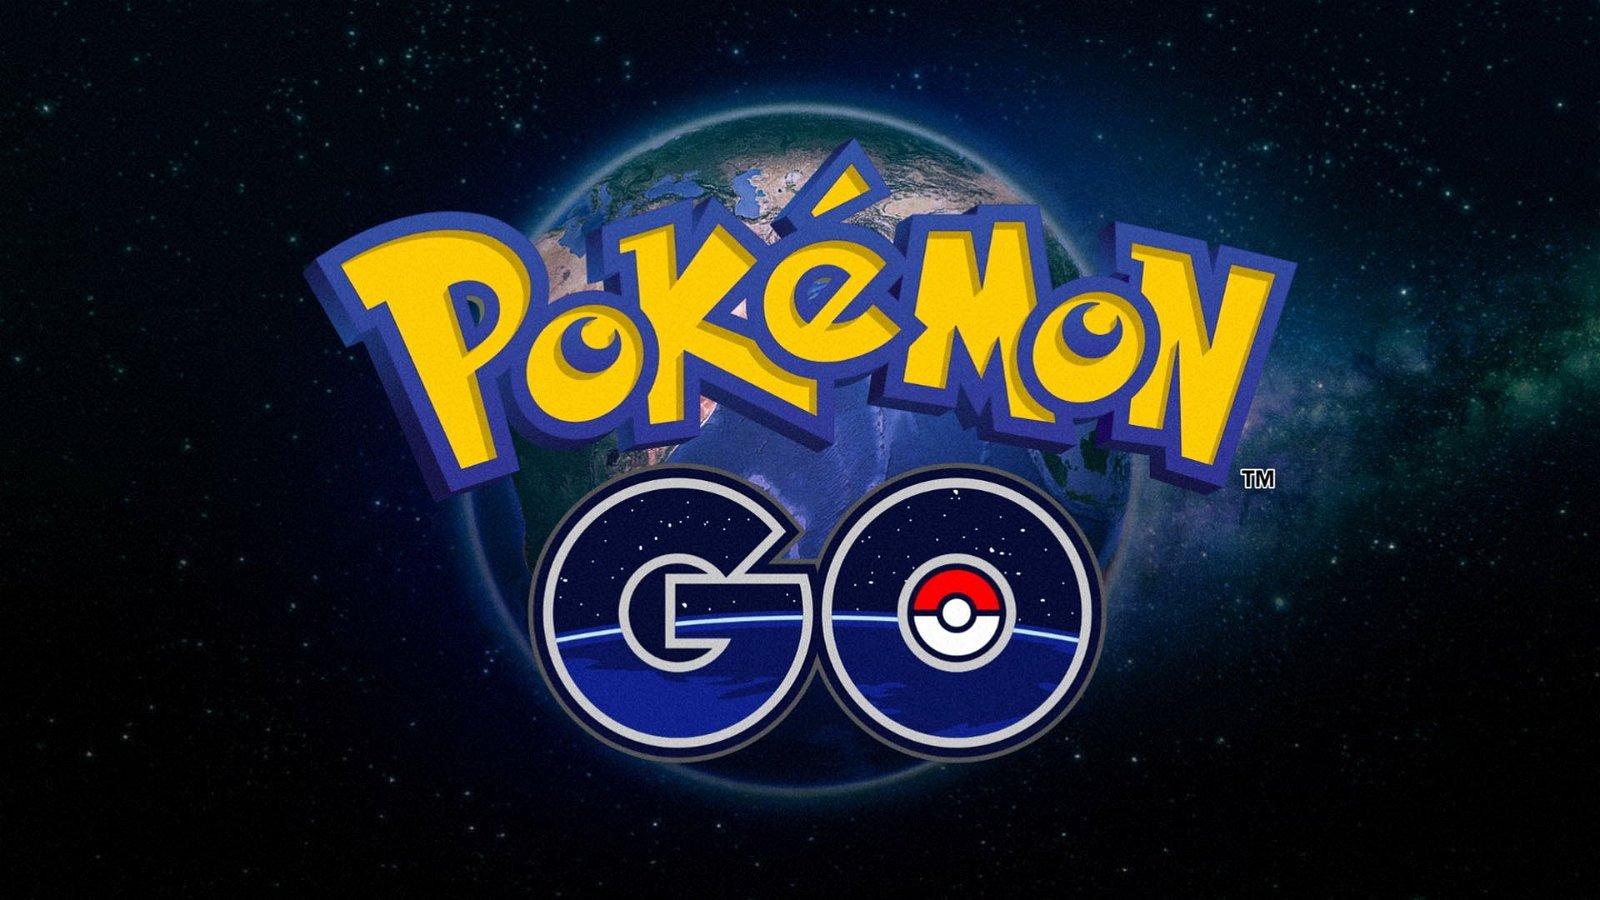 Pokémon GO: Los candidatos a la presidencia de EEUU también juegan a su manera